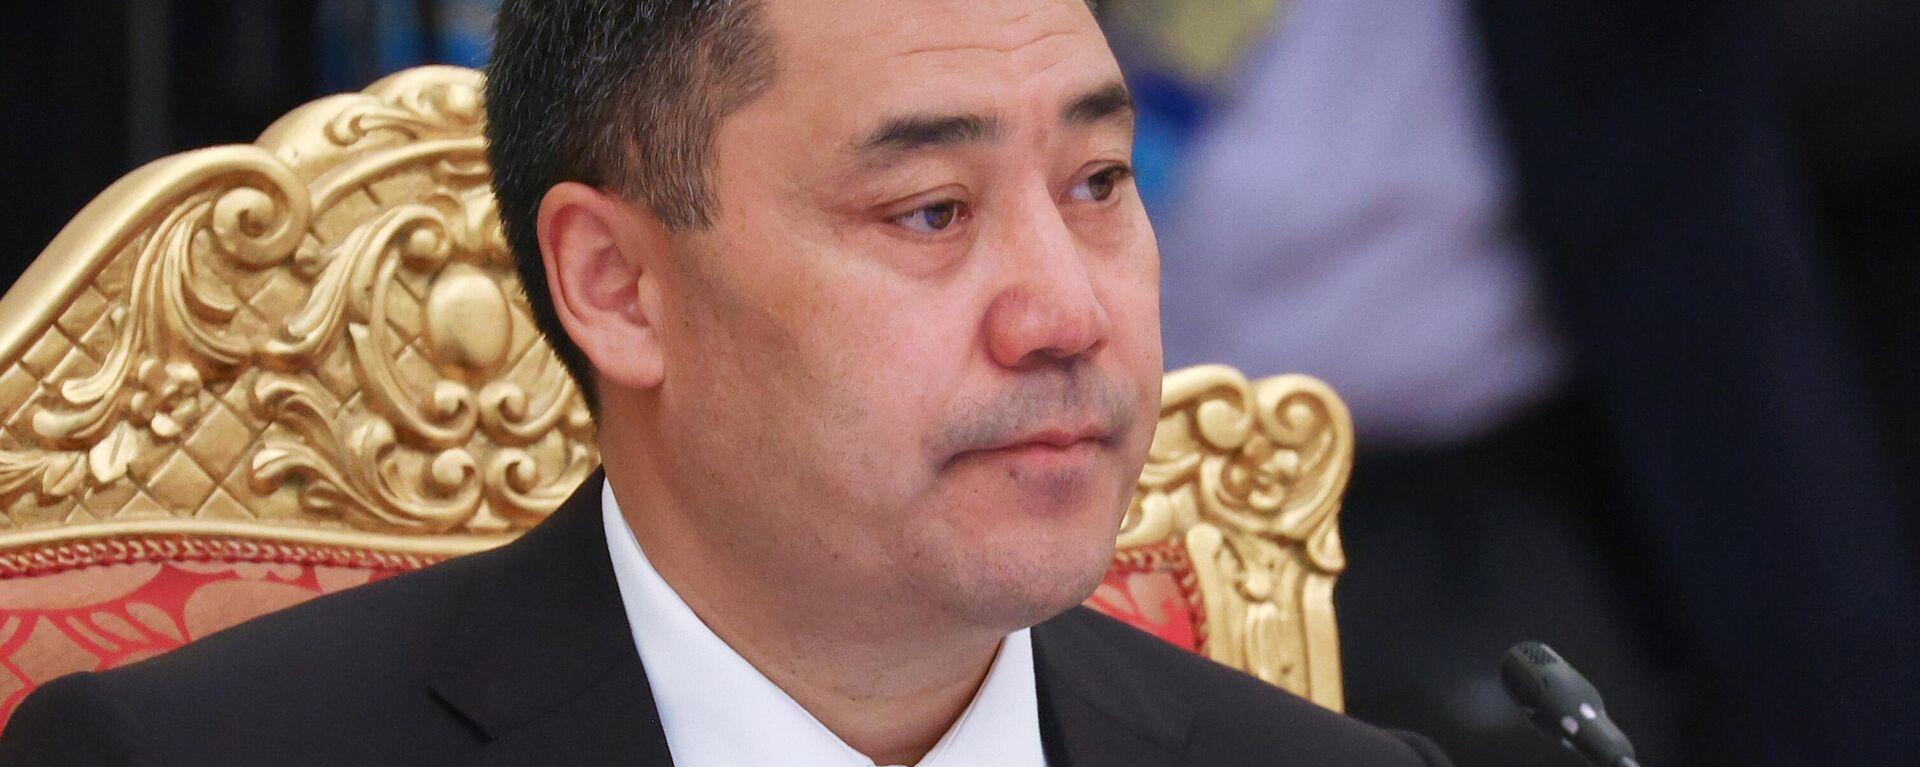 Заседание Совета коллективной безопасности ОДКБ - Sputnik Таджикистан, 1920, 16.09.2021